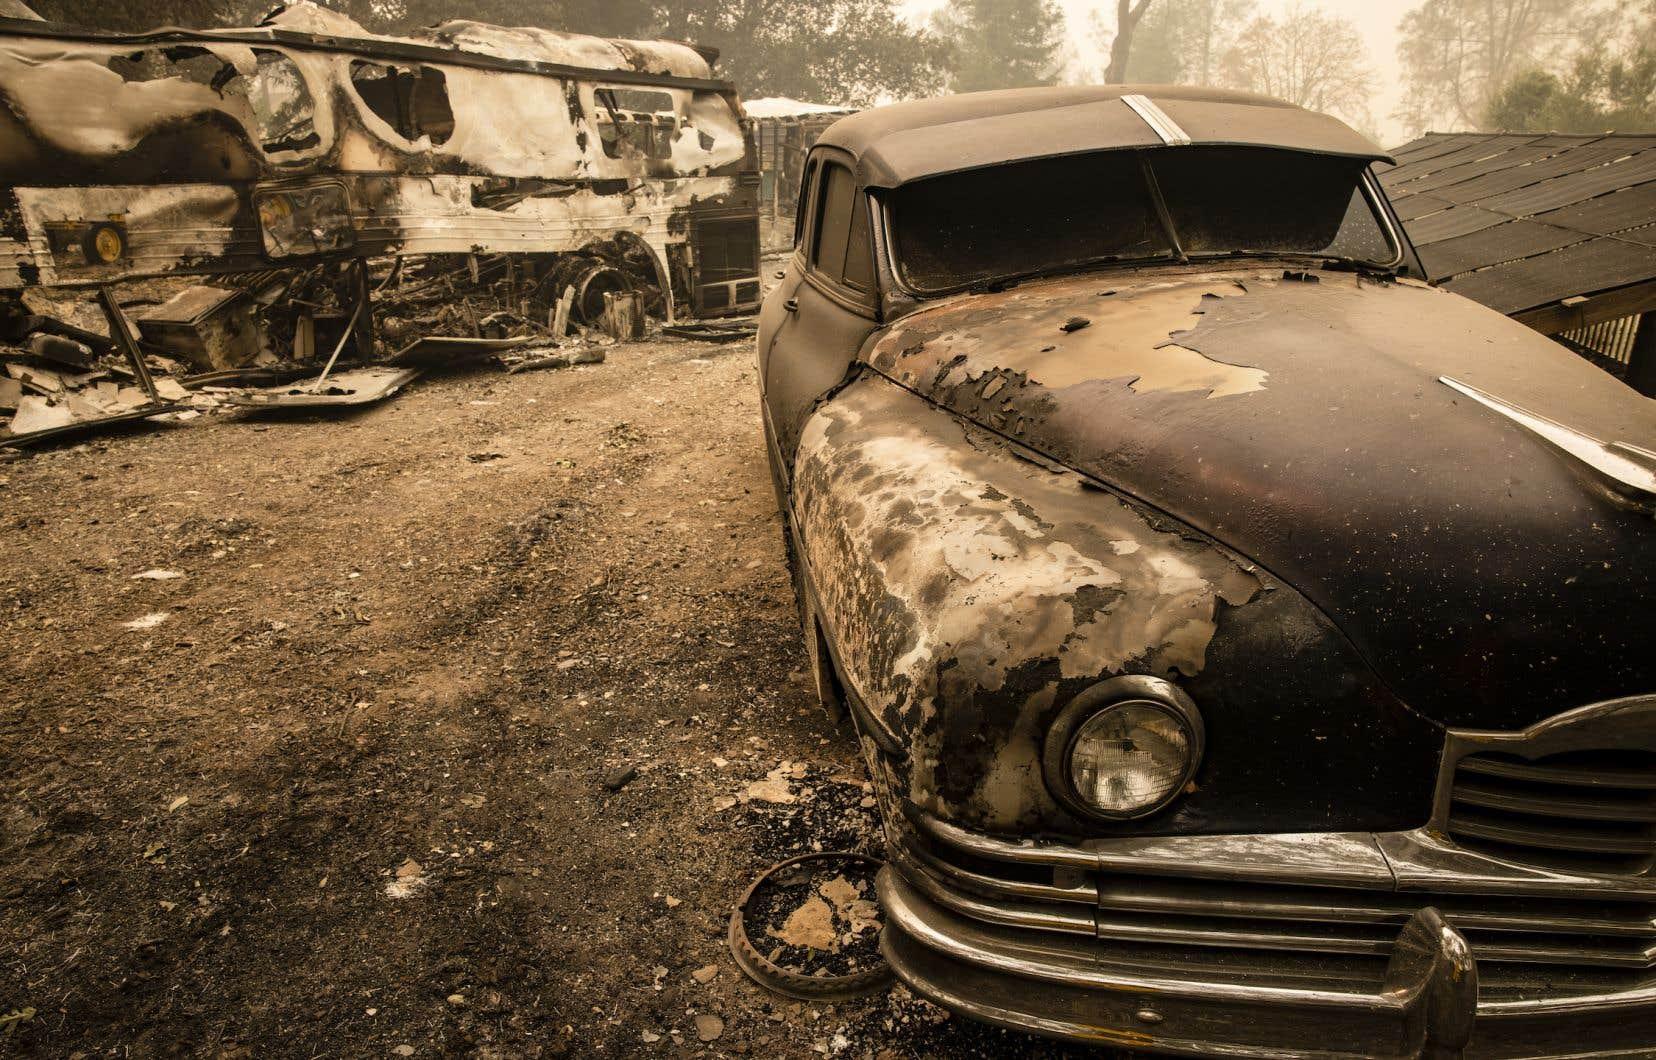 Les feux qui ont ravagé la côte ouest américaine cette année, et notamment la célèbre vallée de Napa, en Californie, illustrent les impacts des bouleversements climatiques aux États-Unis.